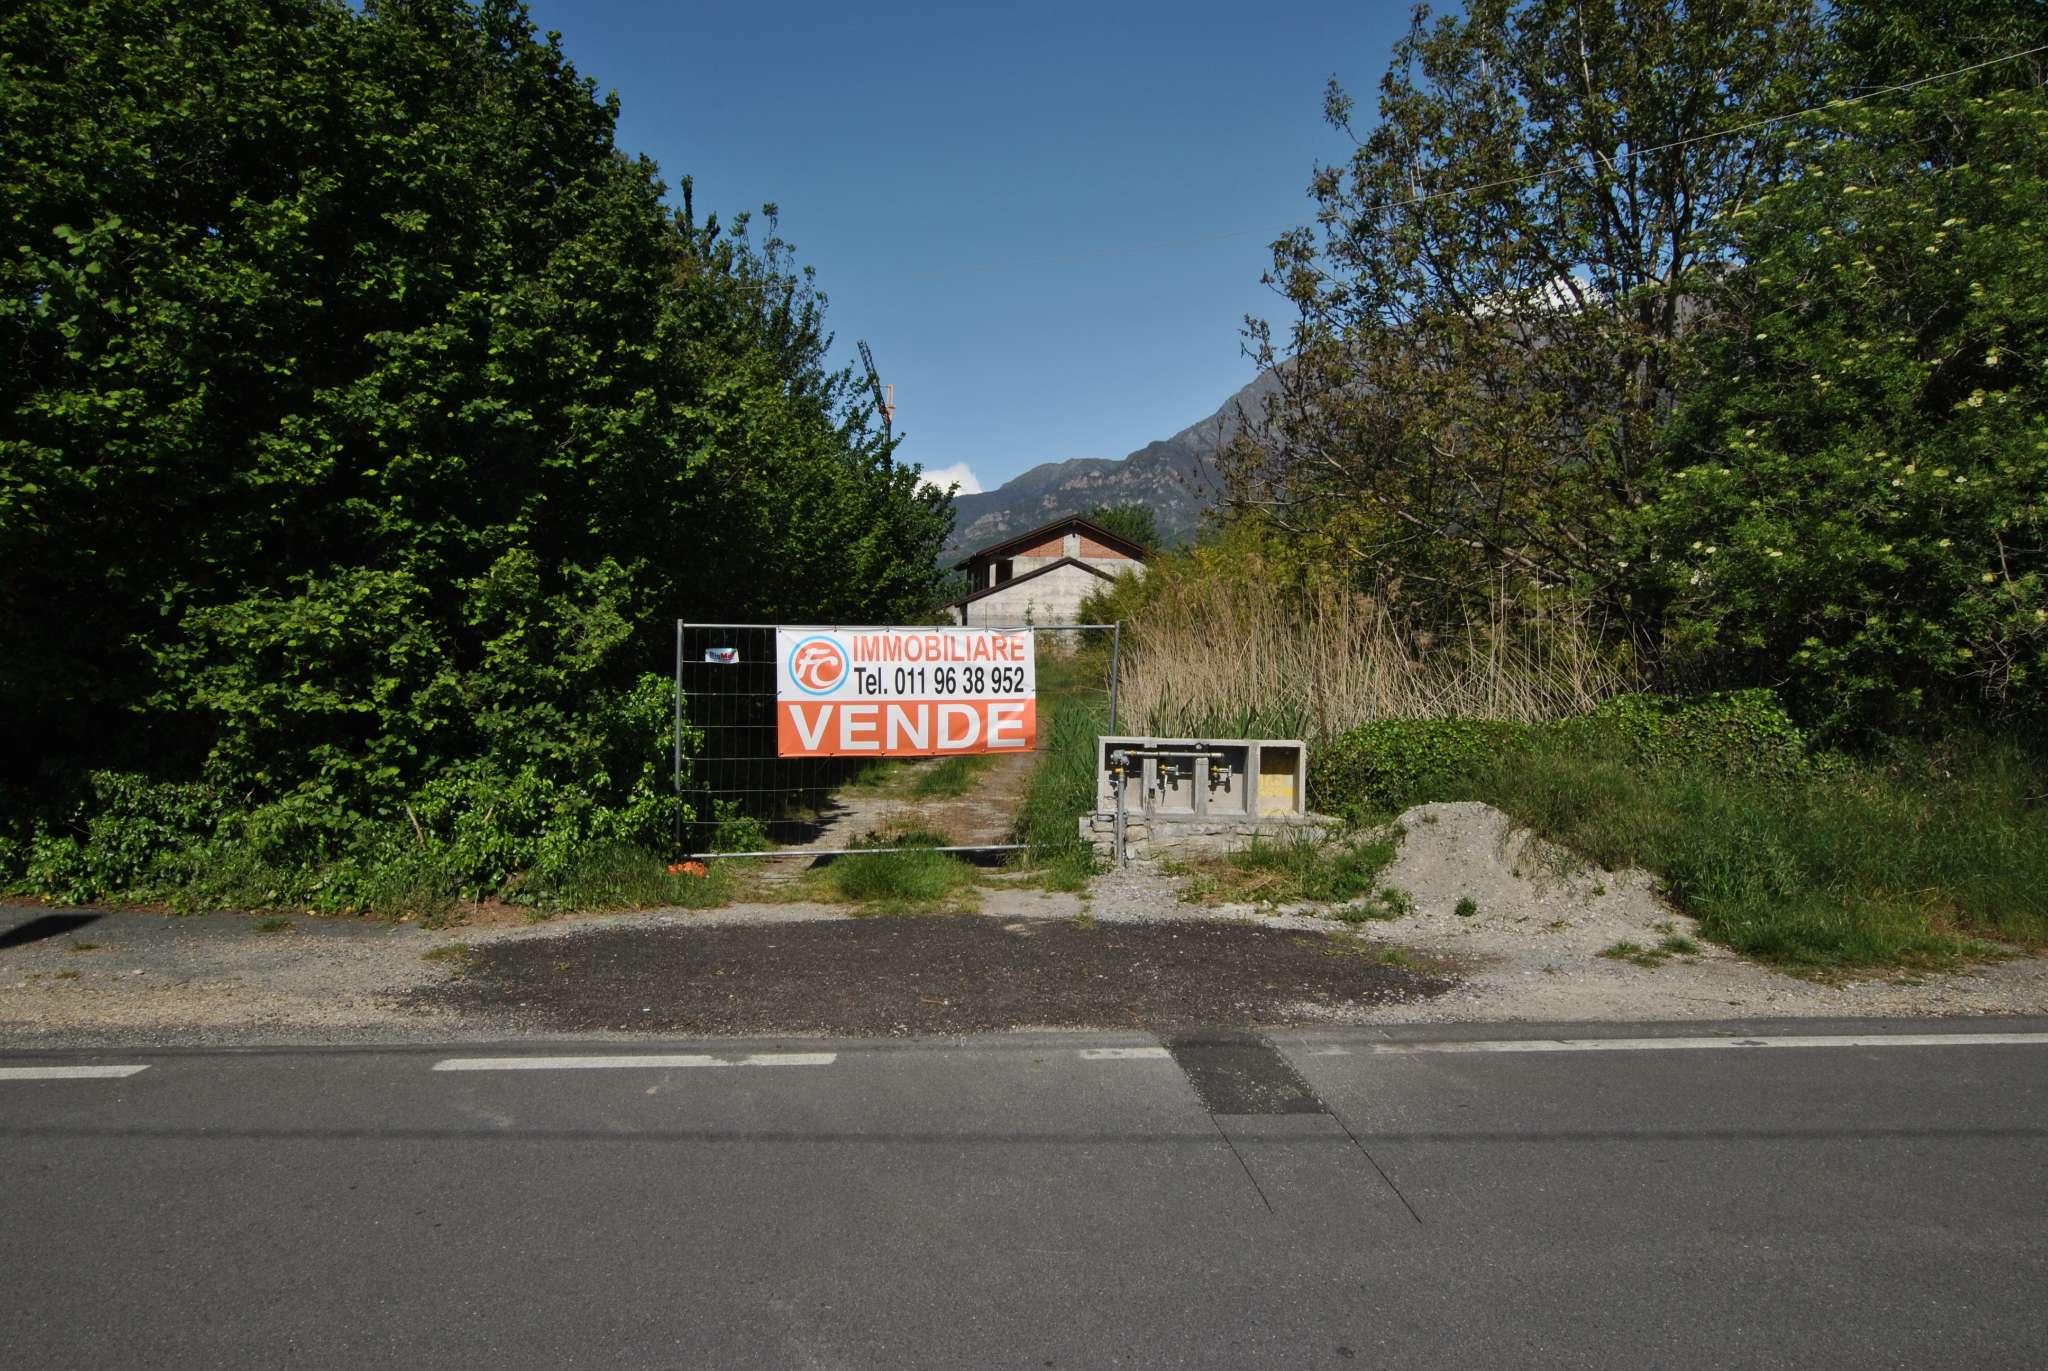 Villa Bifamiliare in vendita a San Didero, 5 locali, prezzo € 255.000 | PortaleAgenzieImmobiliari.it